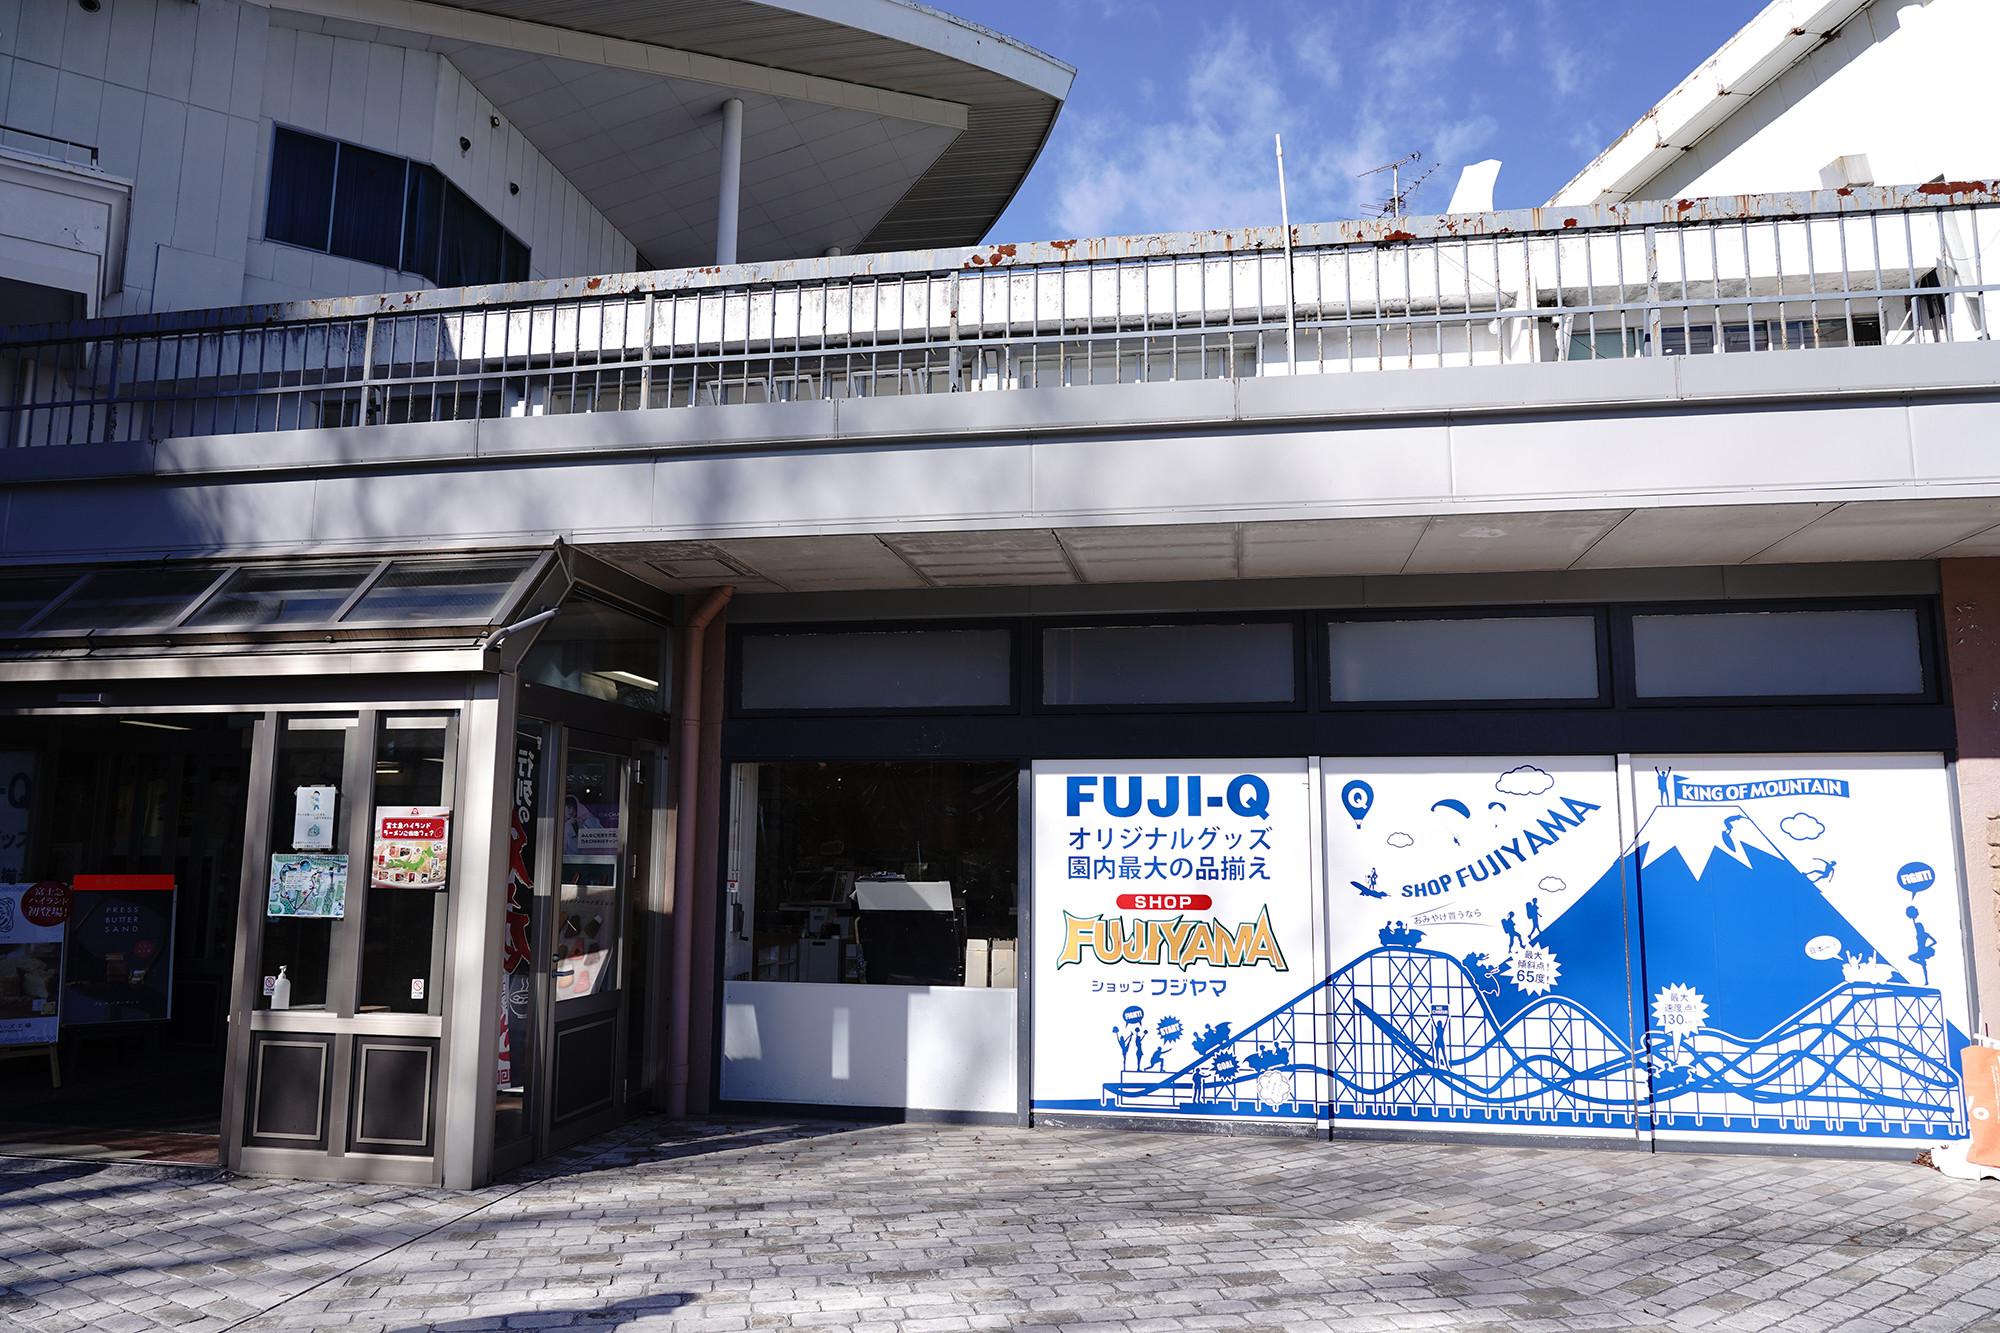 【2018】富士急ハイランドのお土産ガイド!お菓子、リサとガスパール、トーマスグッズも